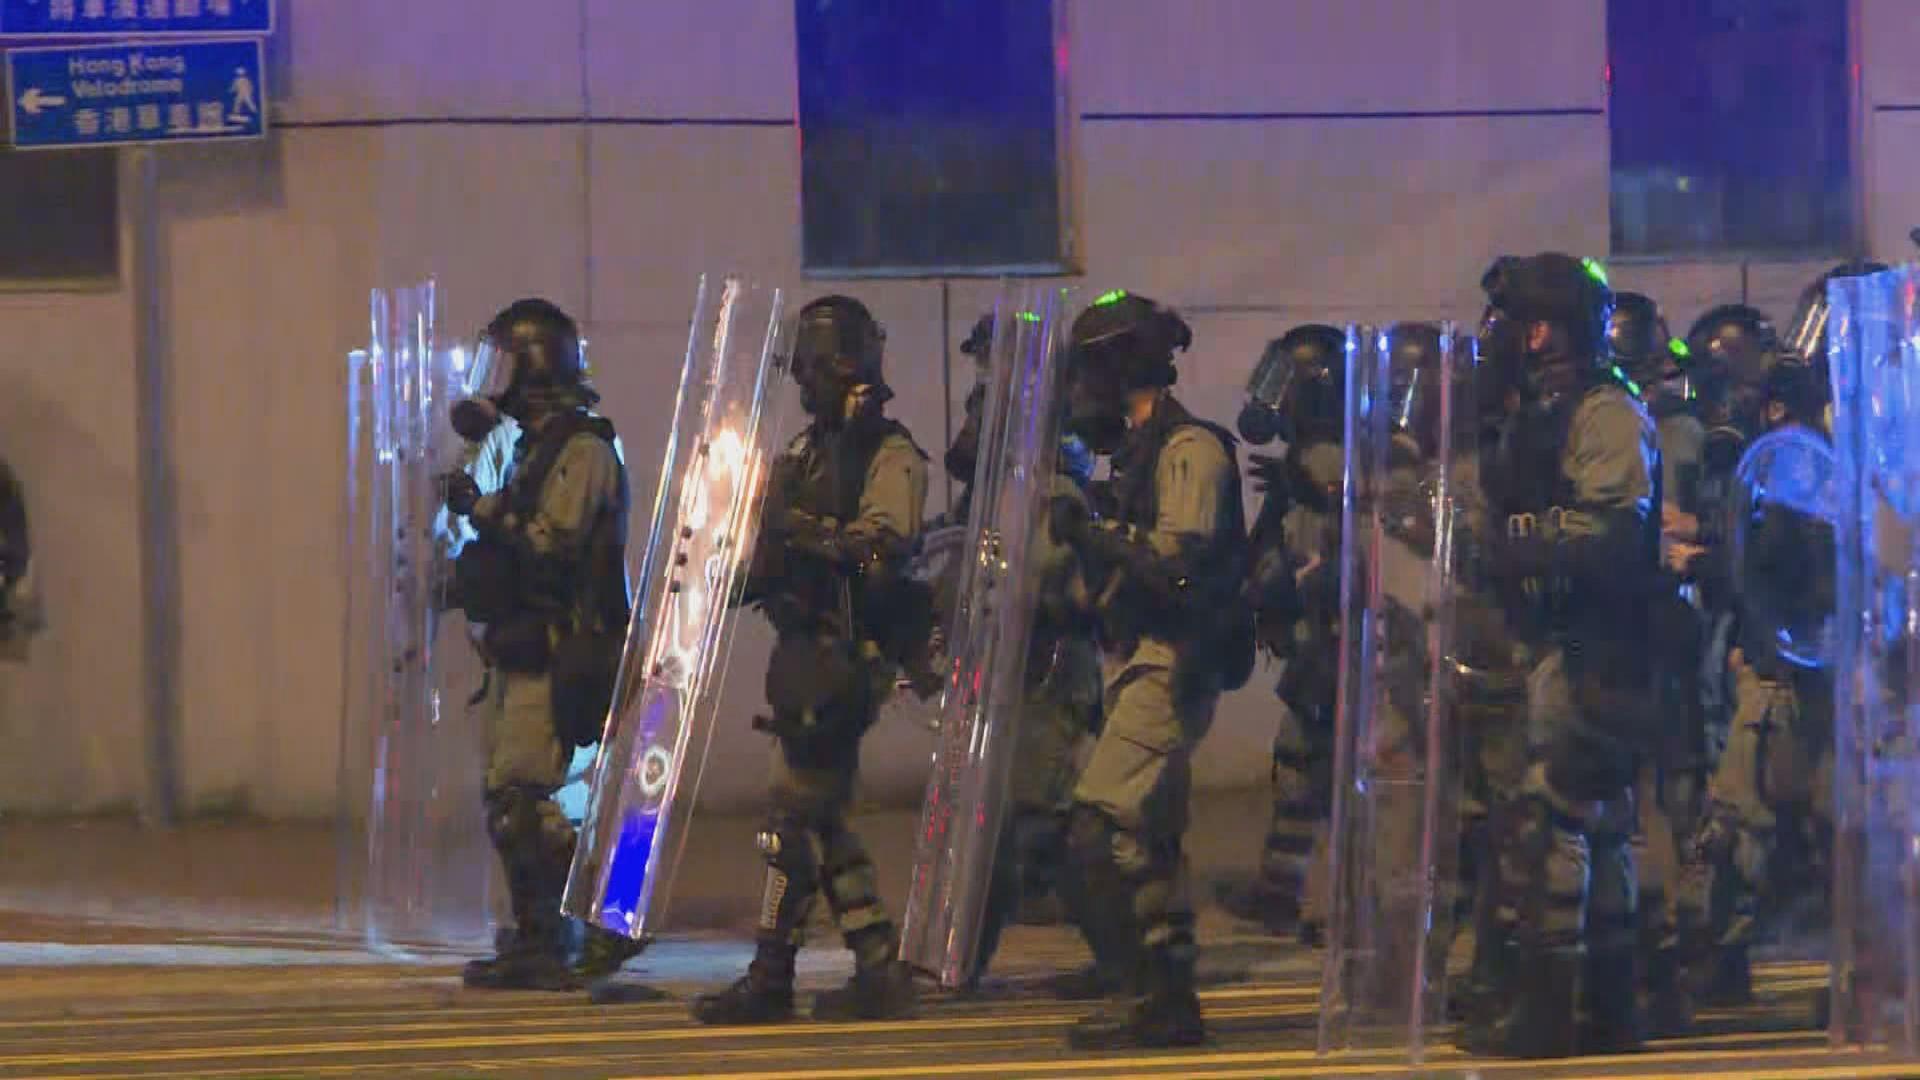 示威者凌晨於將軍澳堵路 警施放多輪催淚彈